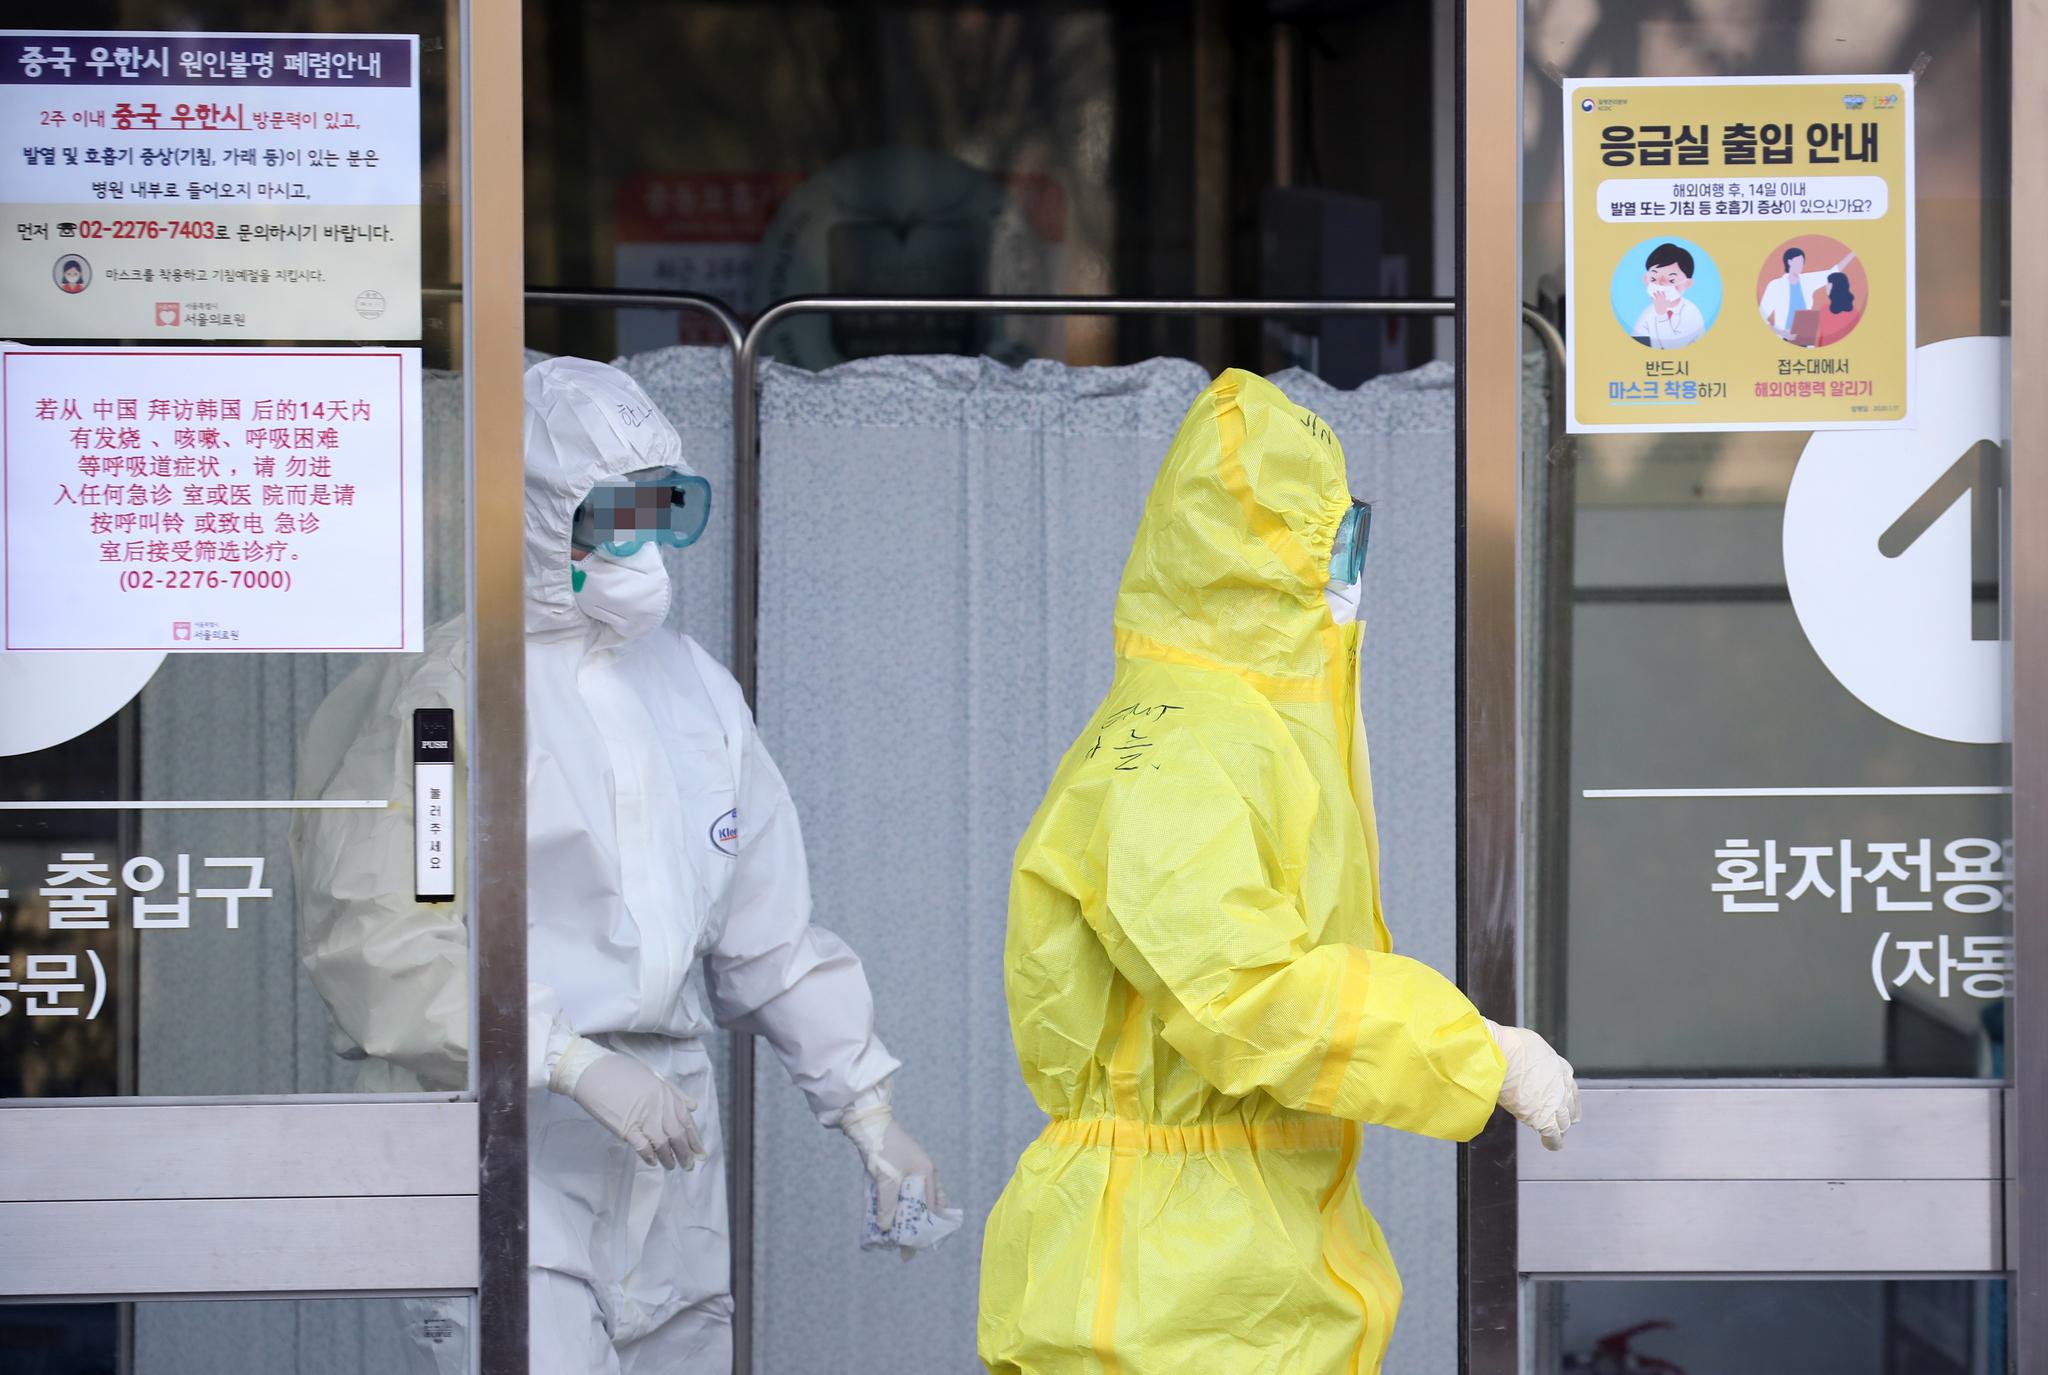 지난 6일 서울의료원 응급의료센터에서 방호복을 입은 의료진이 센터를 나서고 있다. [연합뉴스]